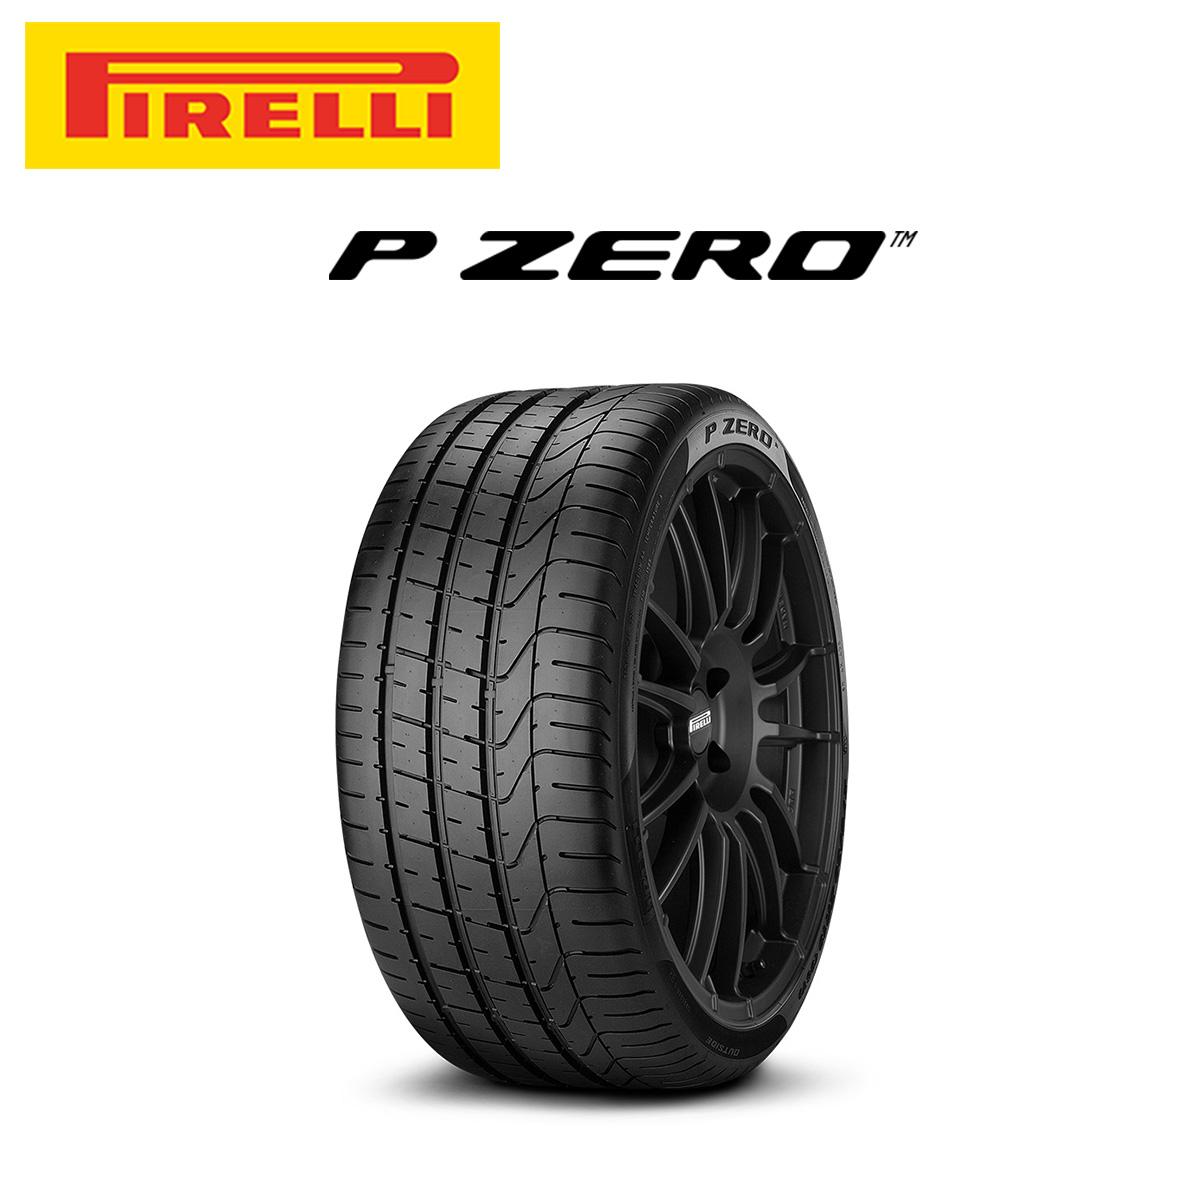 ピレリ PIRELLI P ZERO ピーゼロ 19インチ サマー タイヤ 1本 245/45R19 102Y XL MO:メルセデスベンツ承認タイヤ 2154000